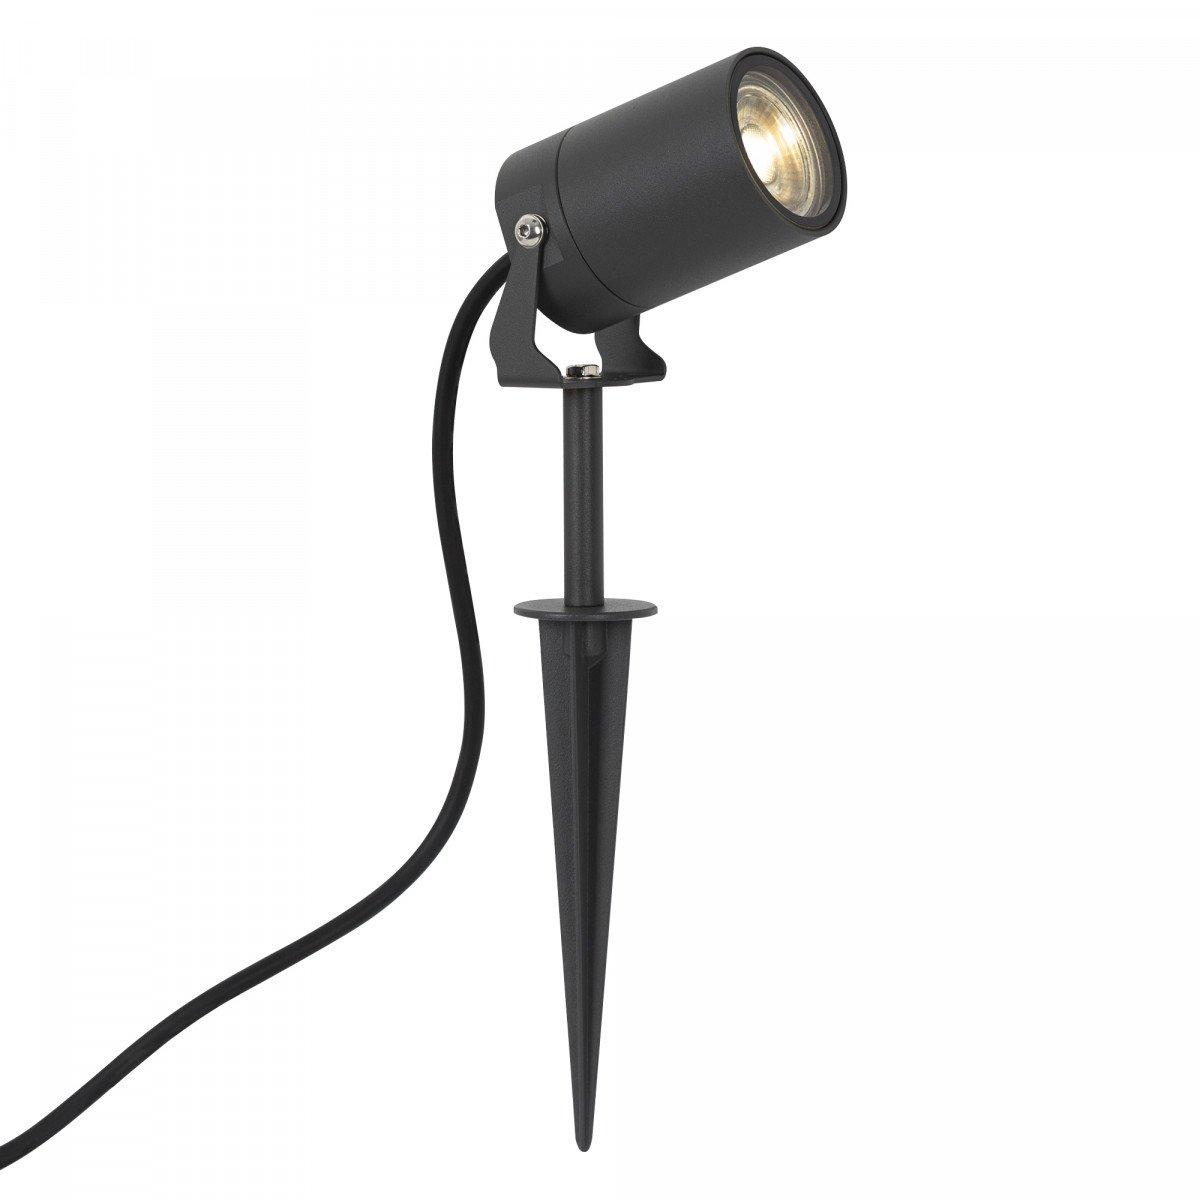 Gartenspot Stark Anthrazit inkl. 3 W LED